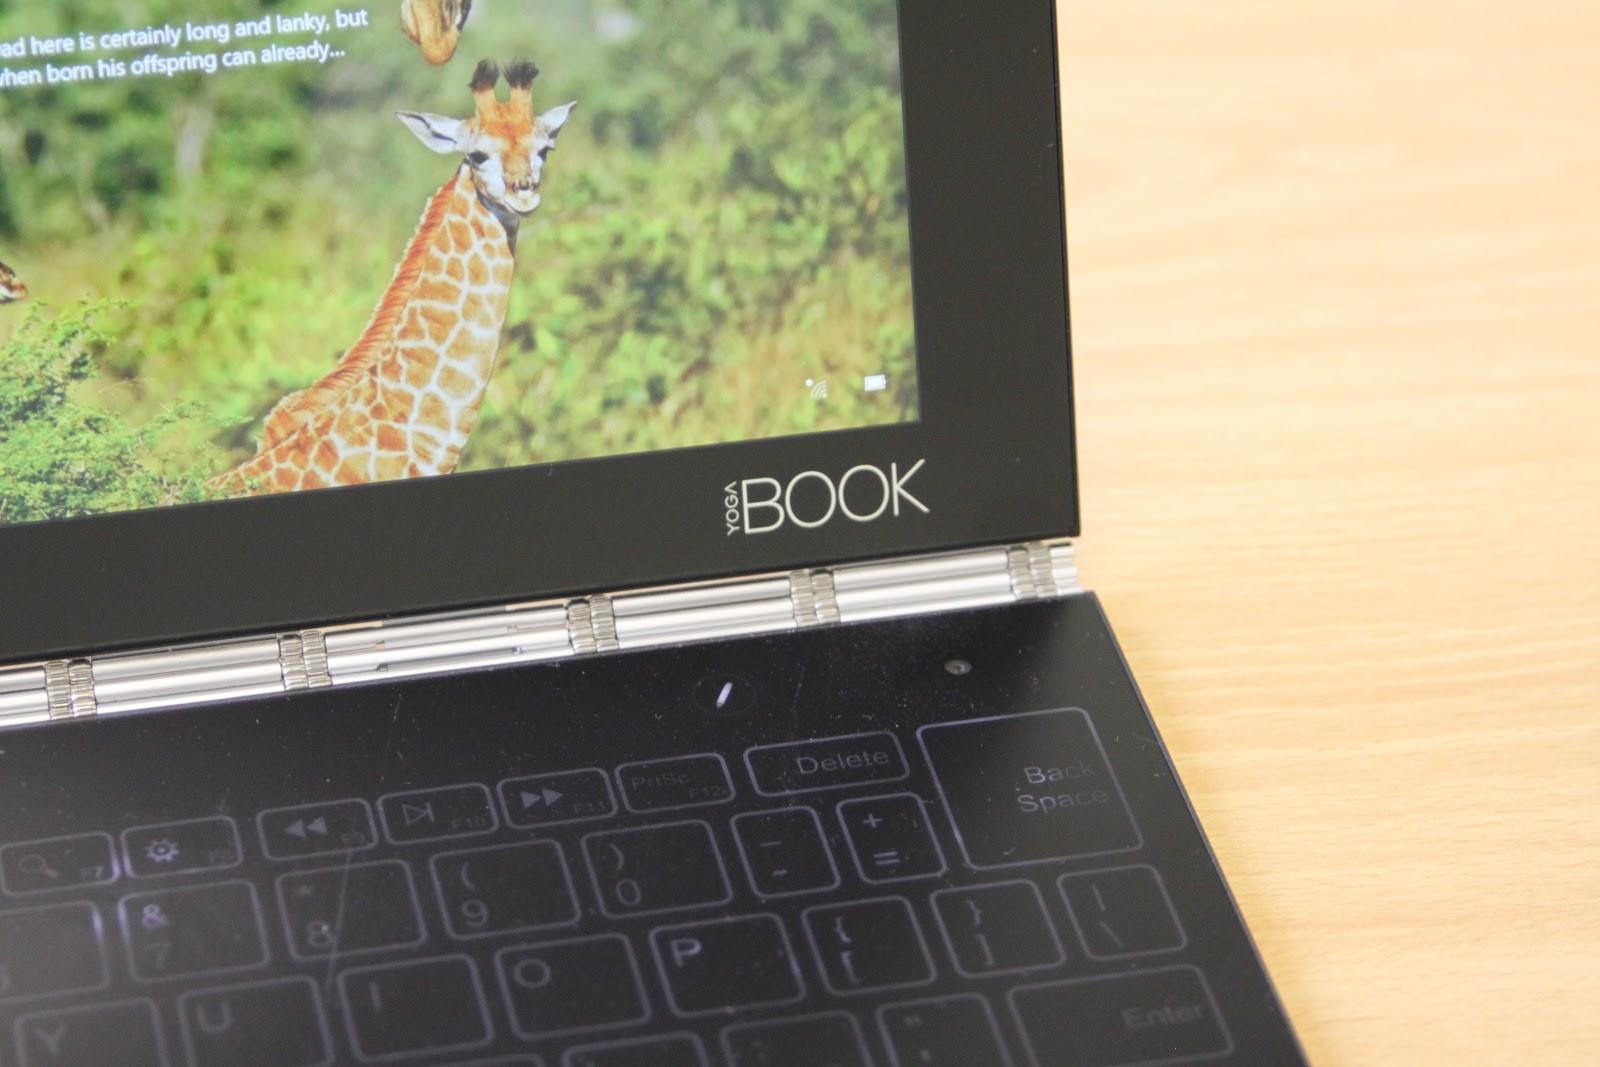 Обзор Lenovo YOGA BOOK — новый класс портативных устройств? - 21